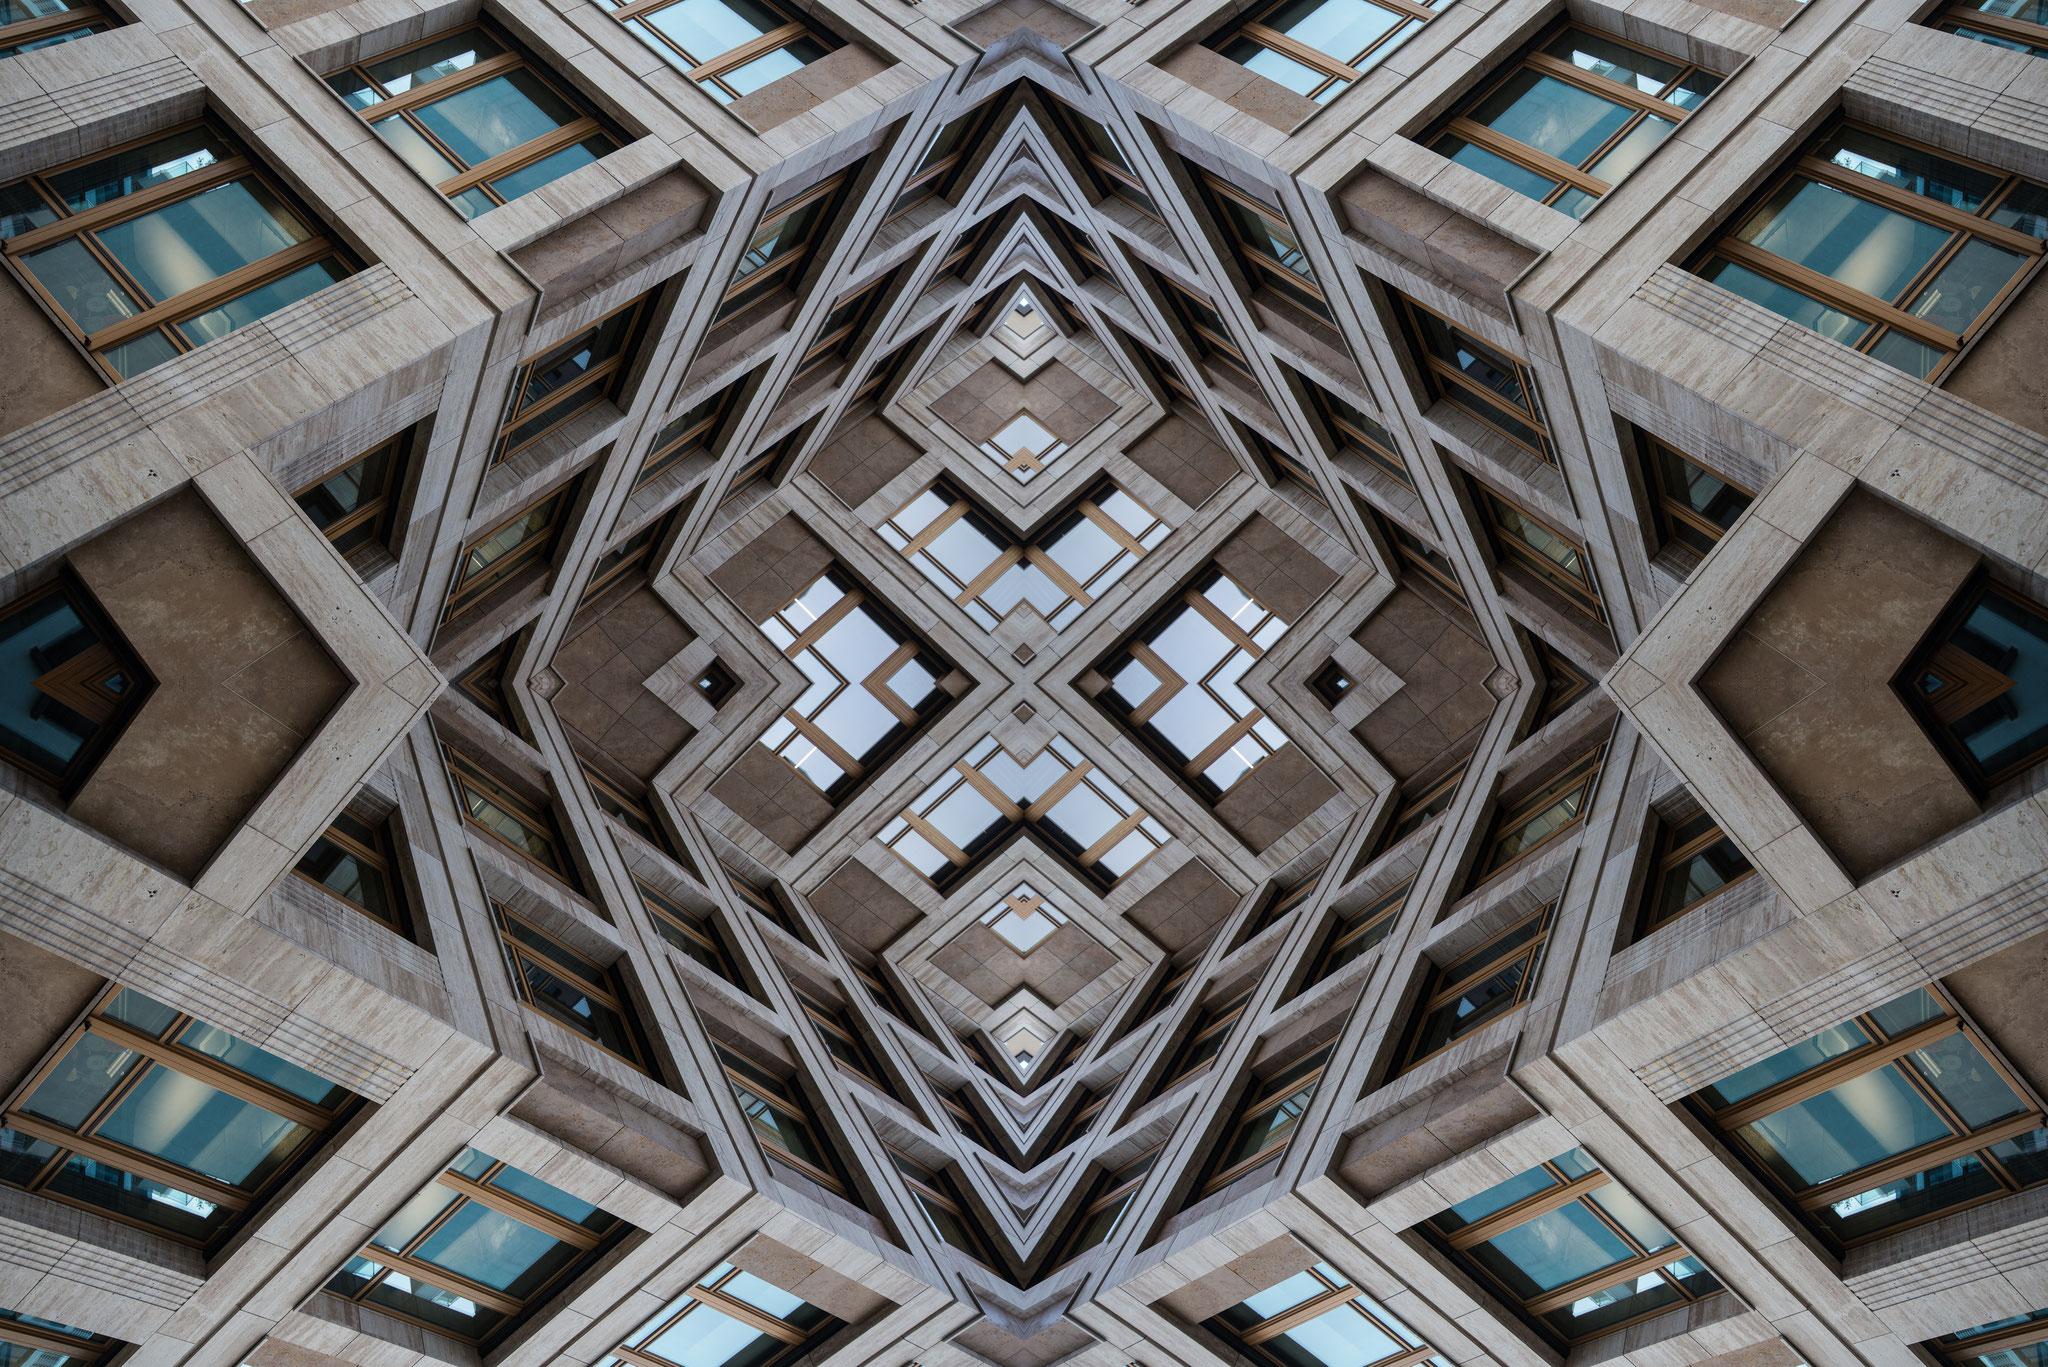 Symétrie architecturale, Berlin, 2019, Léo Derivot